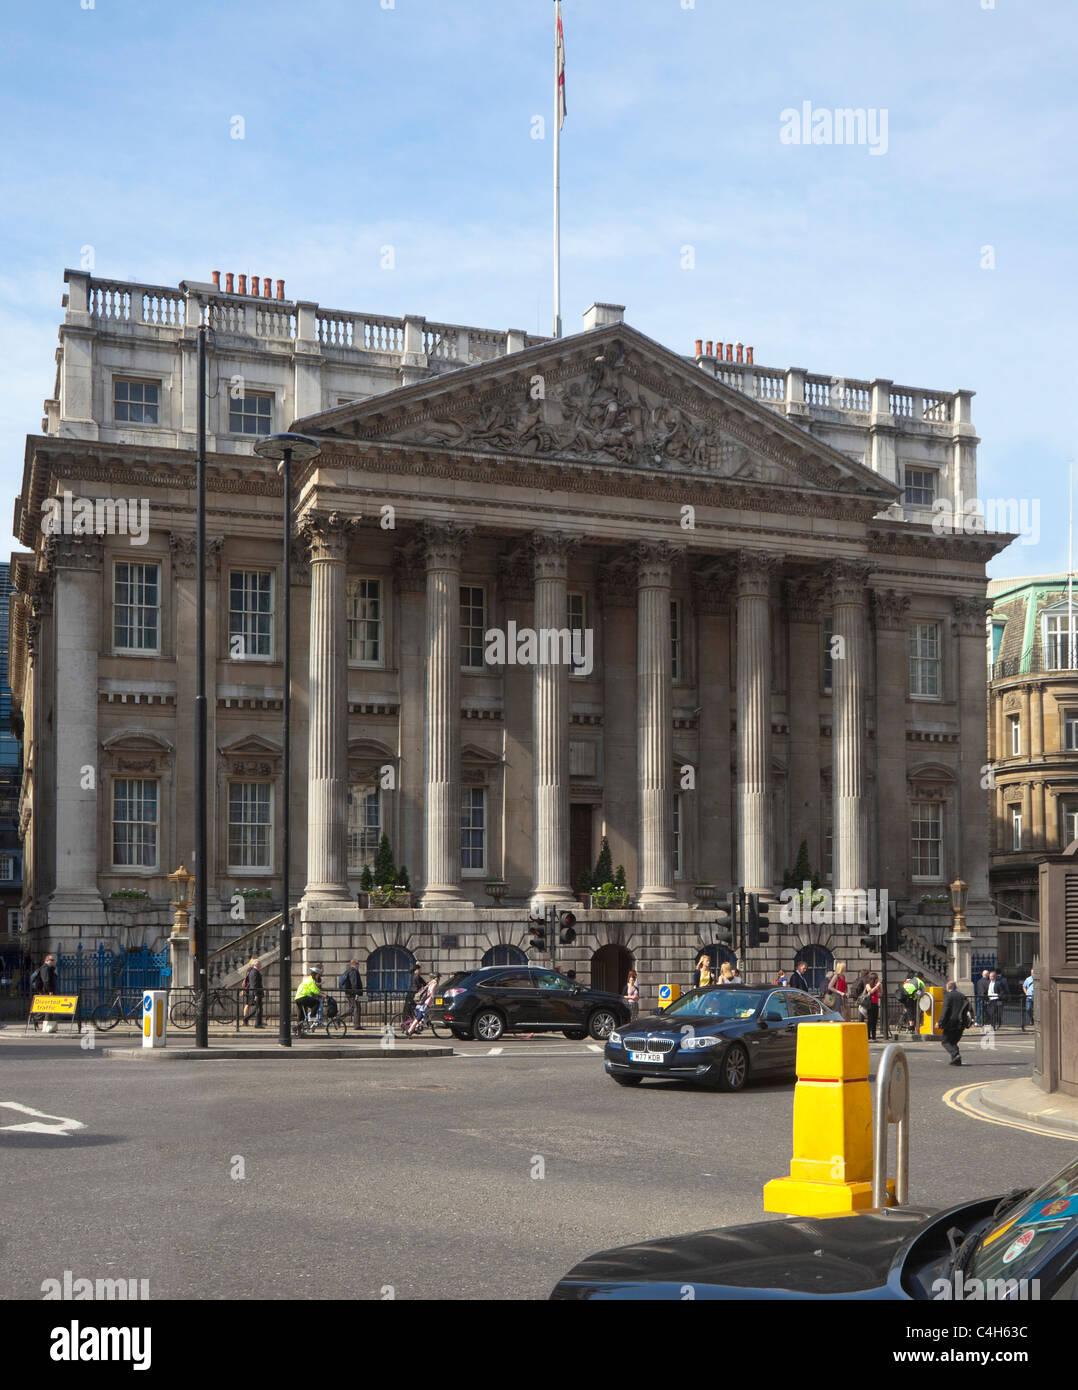 El Mansion House en la ciudad de Londres. Imagen De Stock